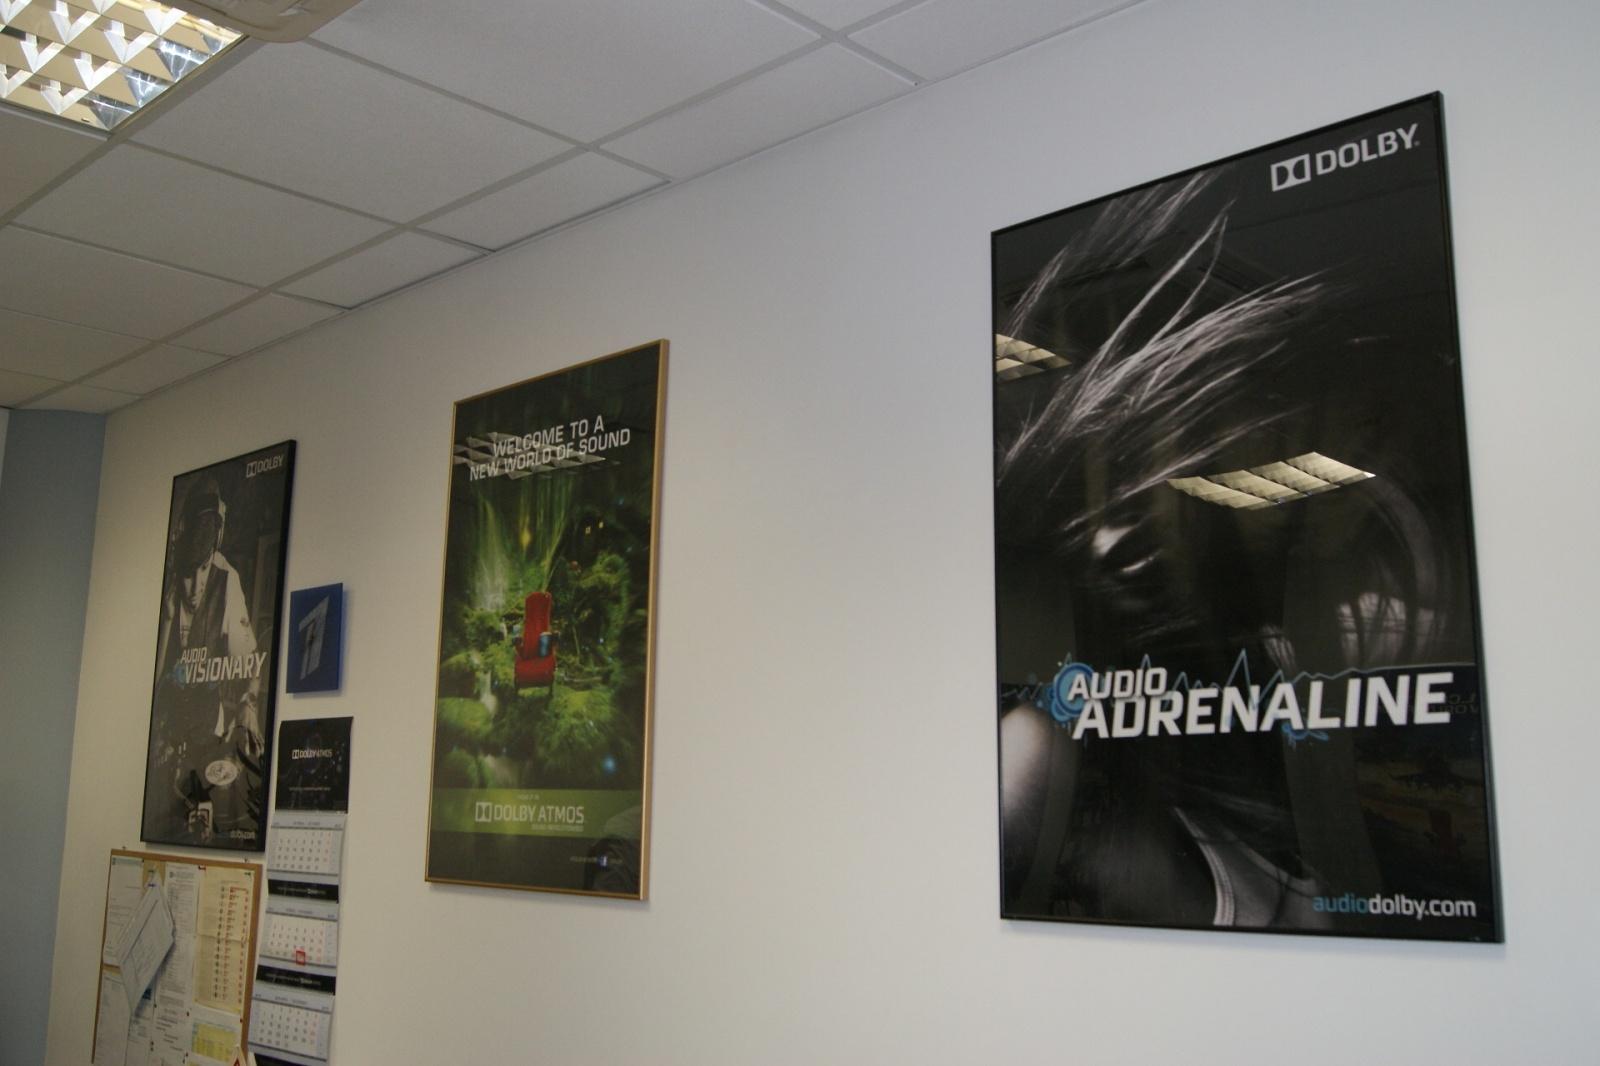 Эксклюзивно для Geektimes: интервью с генеральным директором и инженером по кинотехнологиям Dolby в России и СНГ - 16